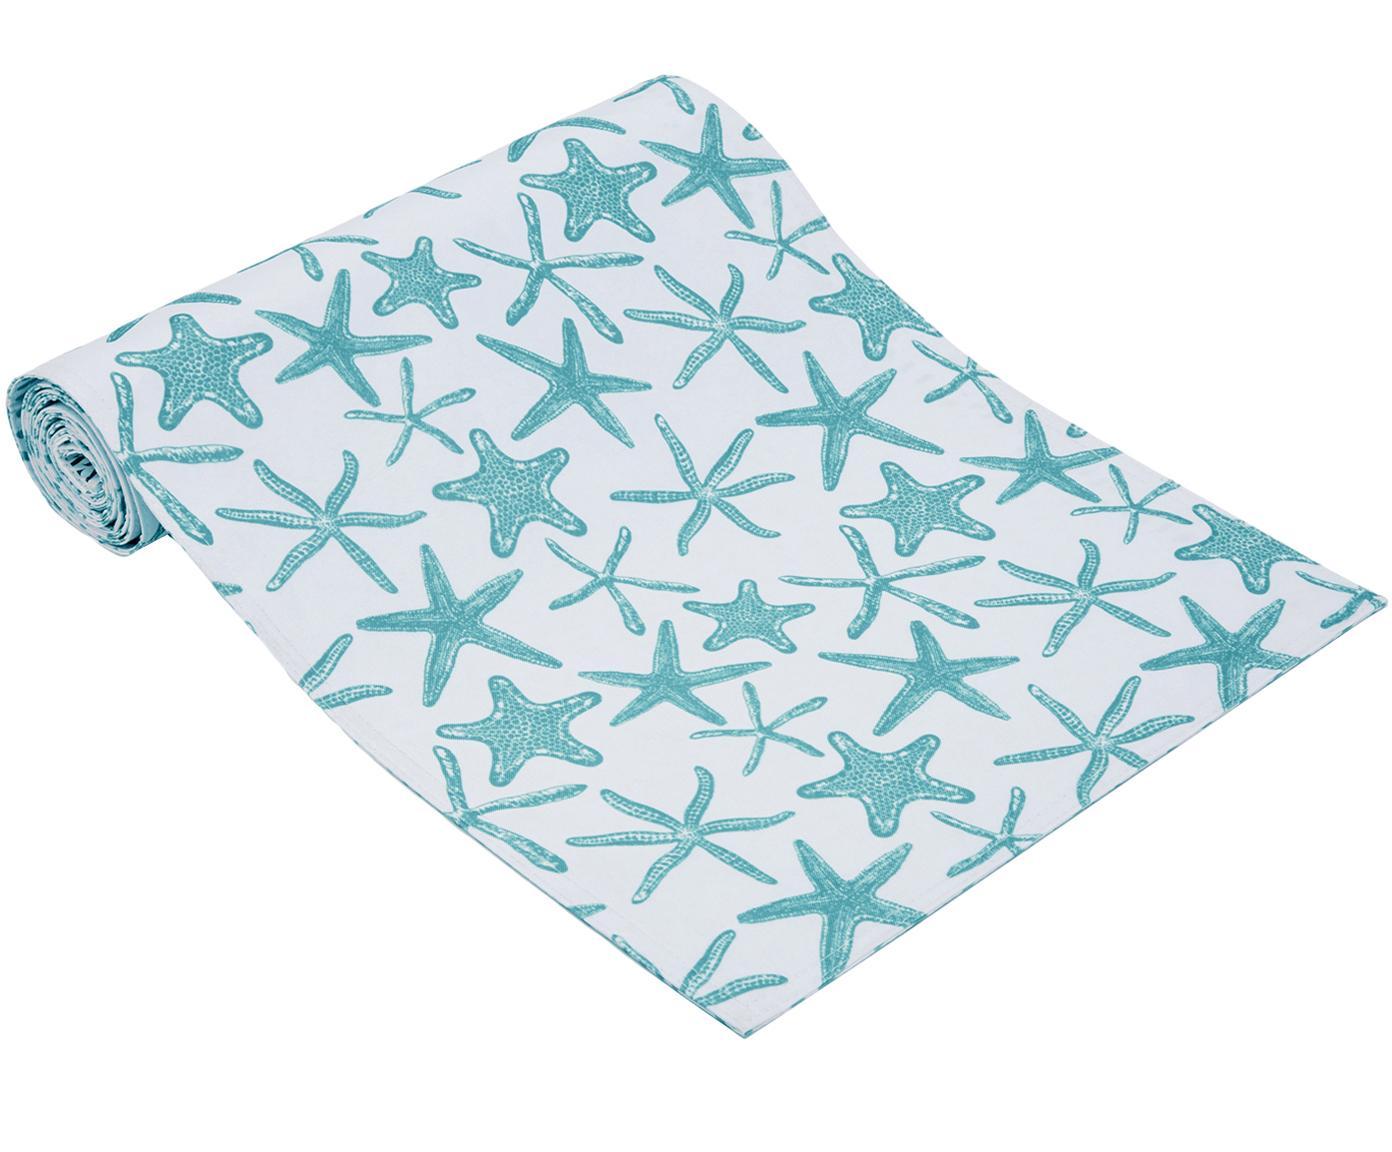 Wasserabweisender Tischläufer Starbone, beidseitig verwendbar, Polyester, Weiß, Blau, 33 x 178 cm